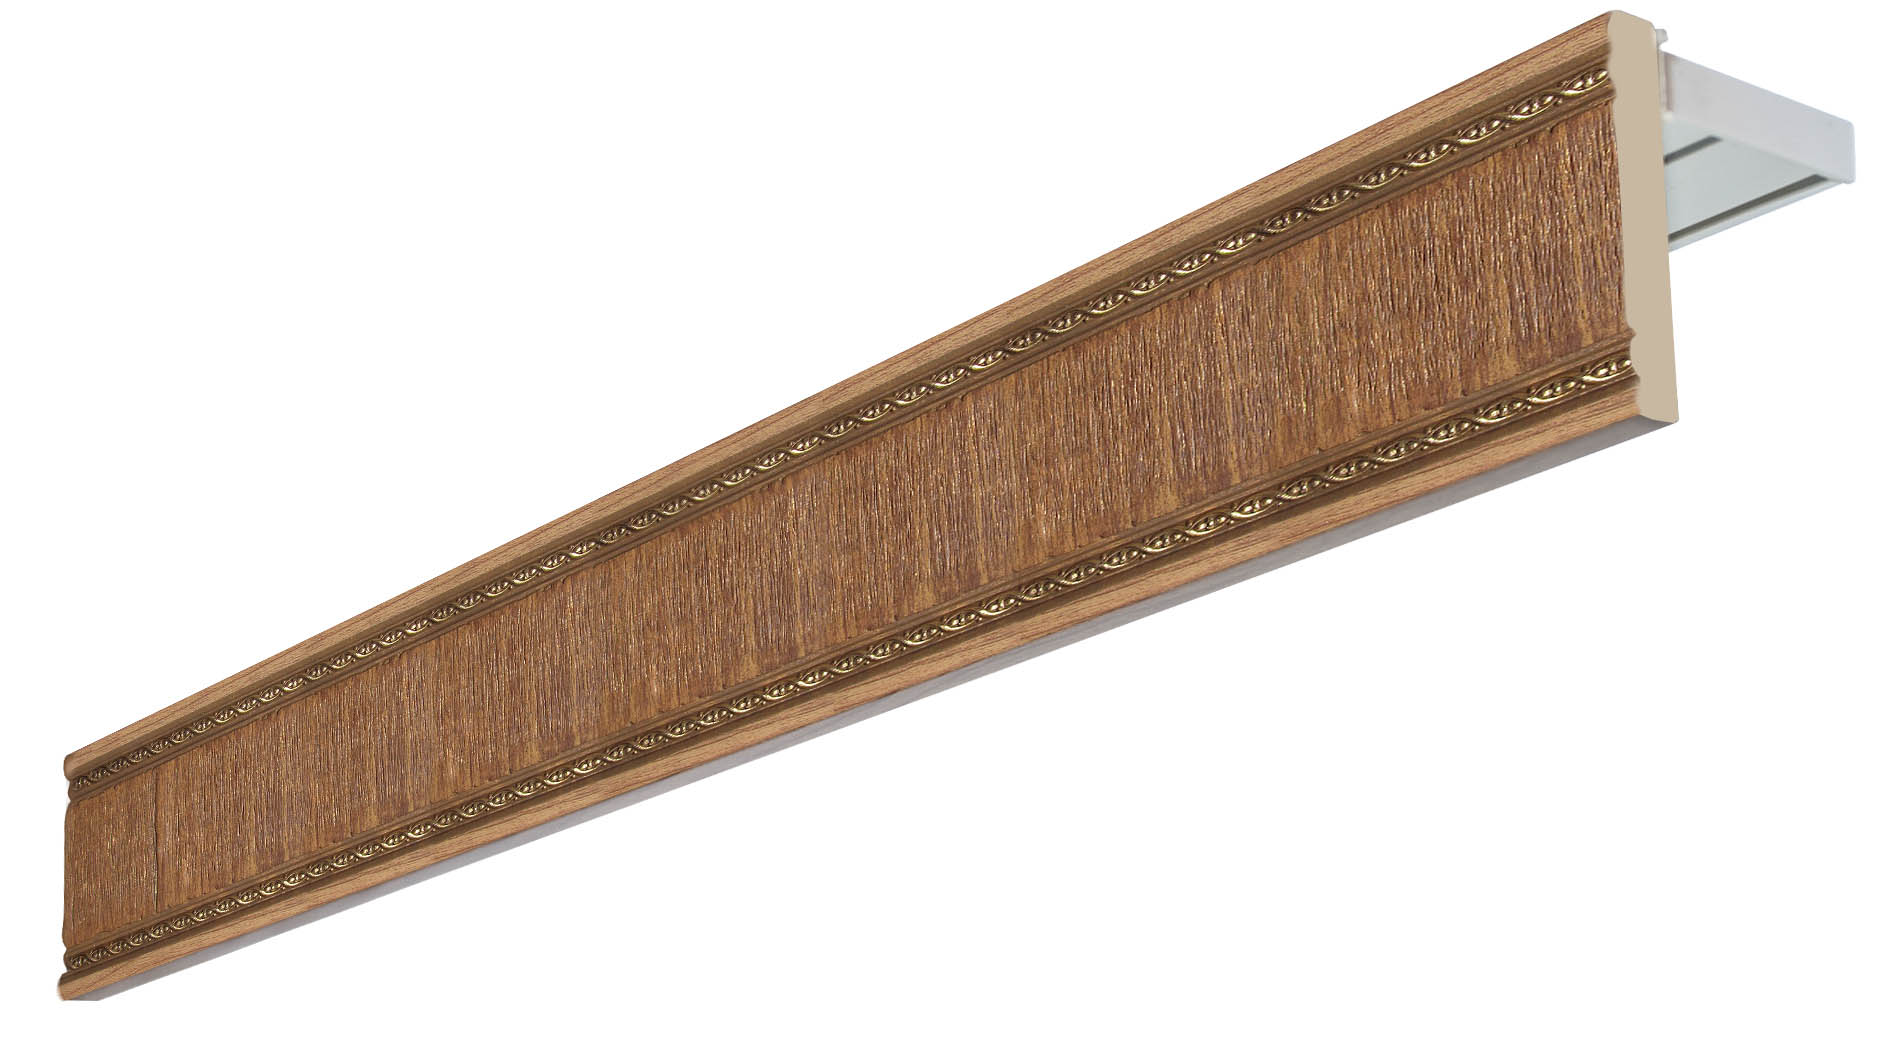 Карнизы и аксессуары для штор Уют Карниз Унисон Цвет: Дуб (350 см)